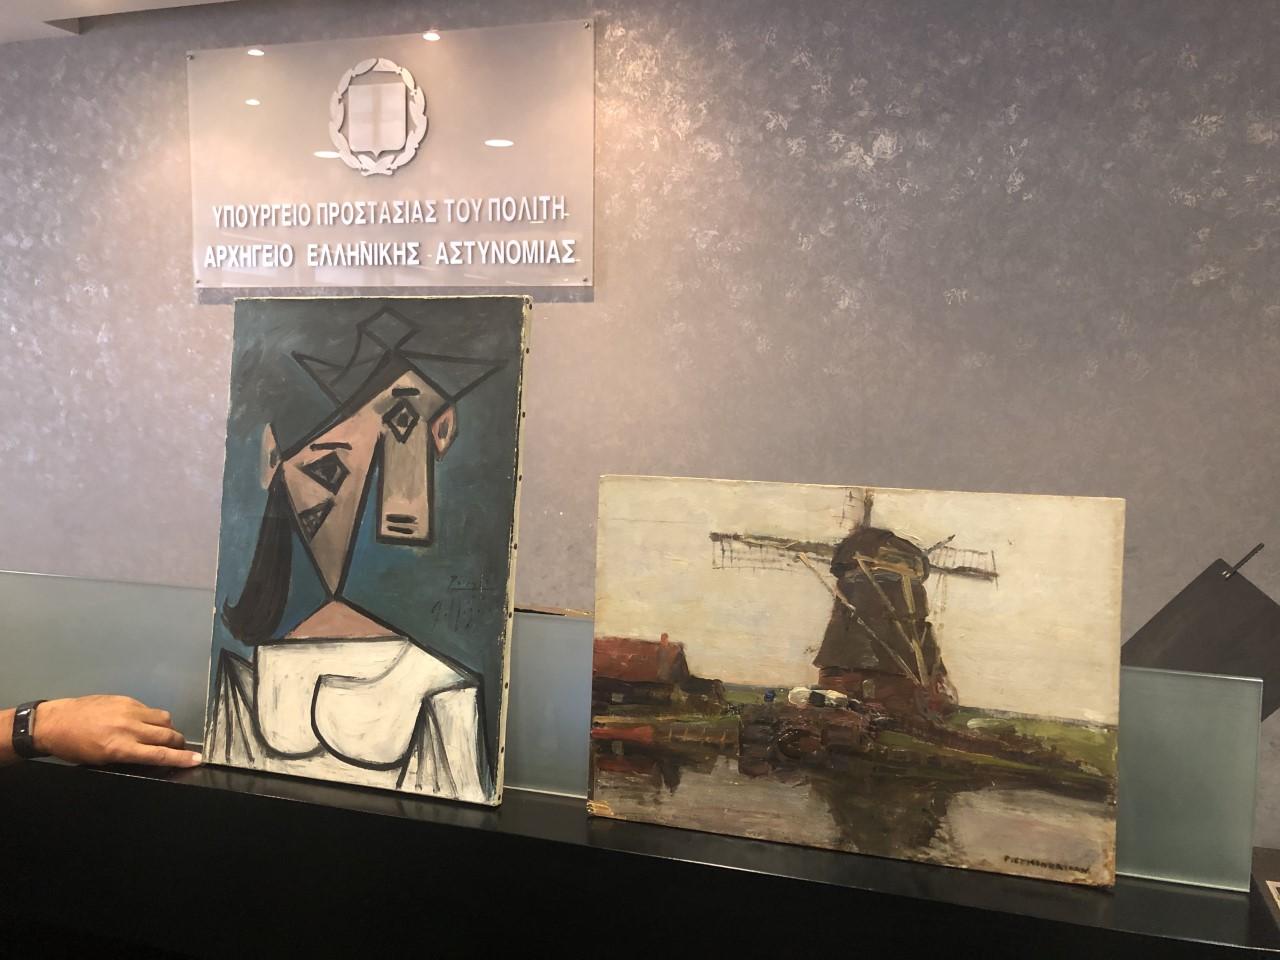 Εξιχνίαση διακεκριμένης κλοπής από την Εθνική Πινακοθήκη